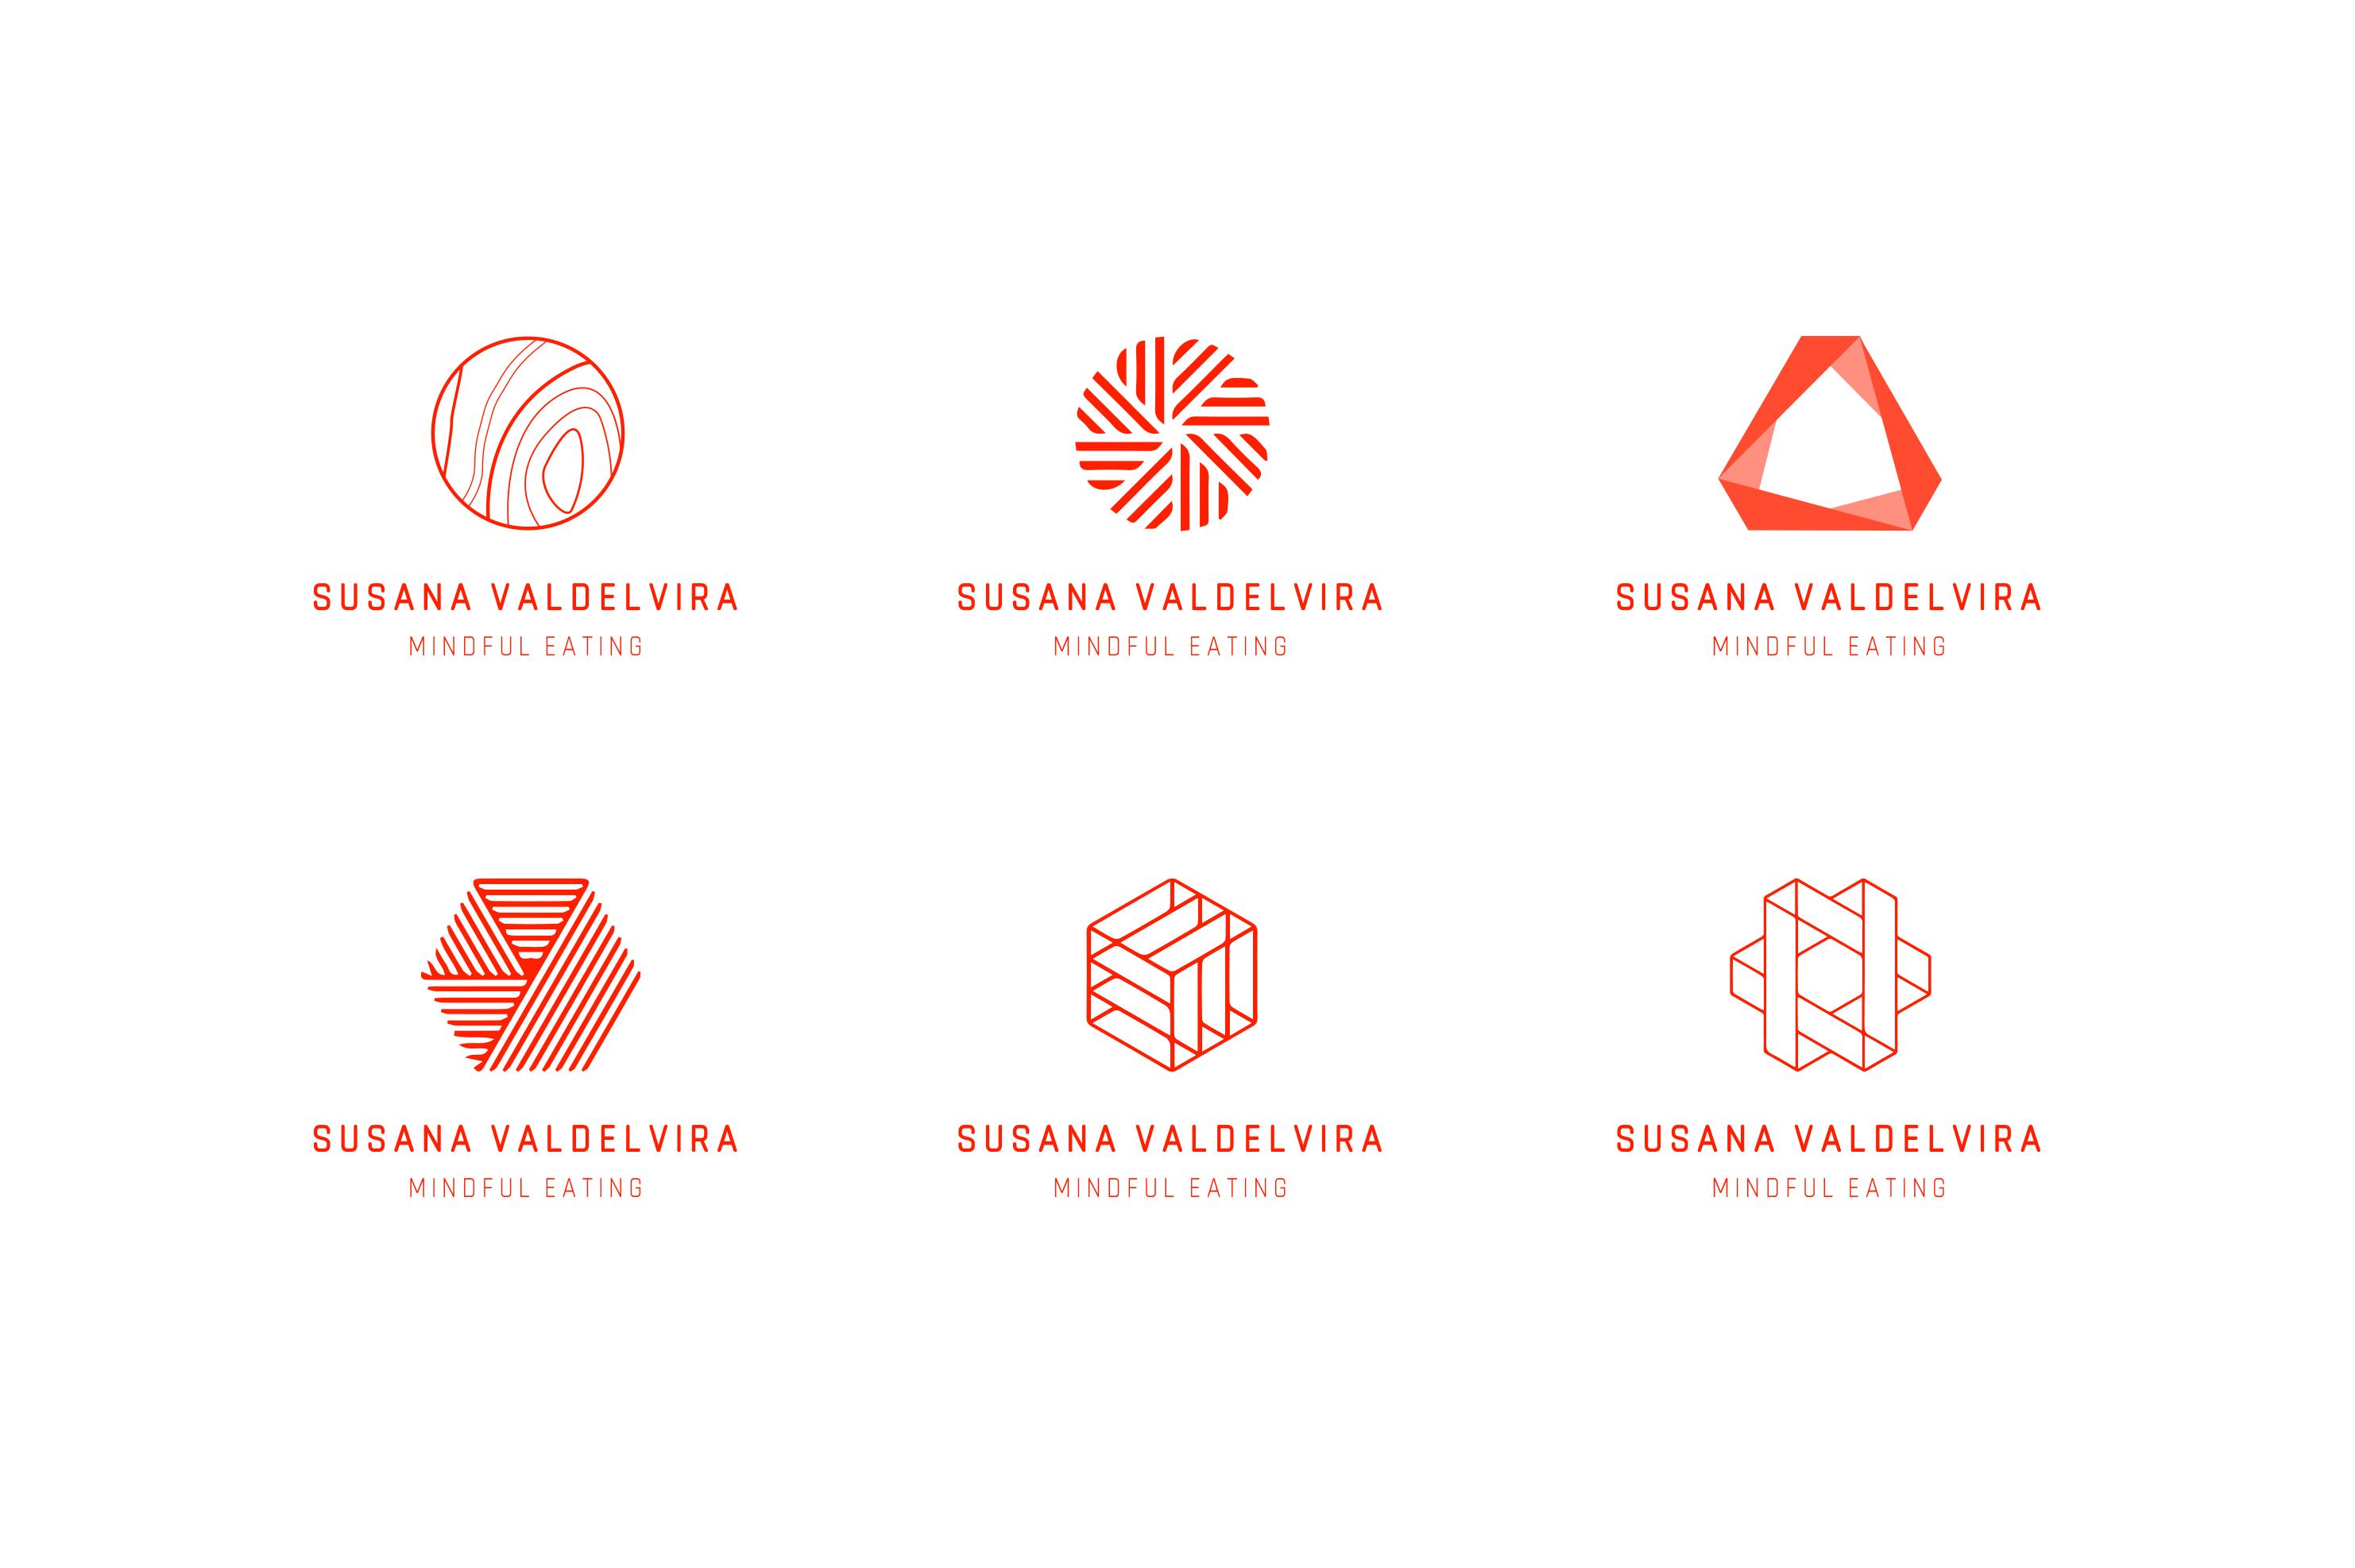 variables logo susana valdelvira